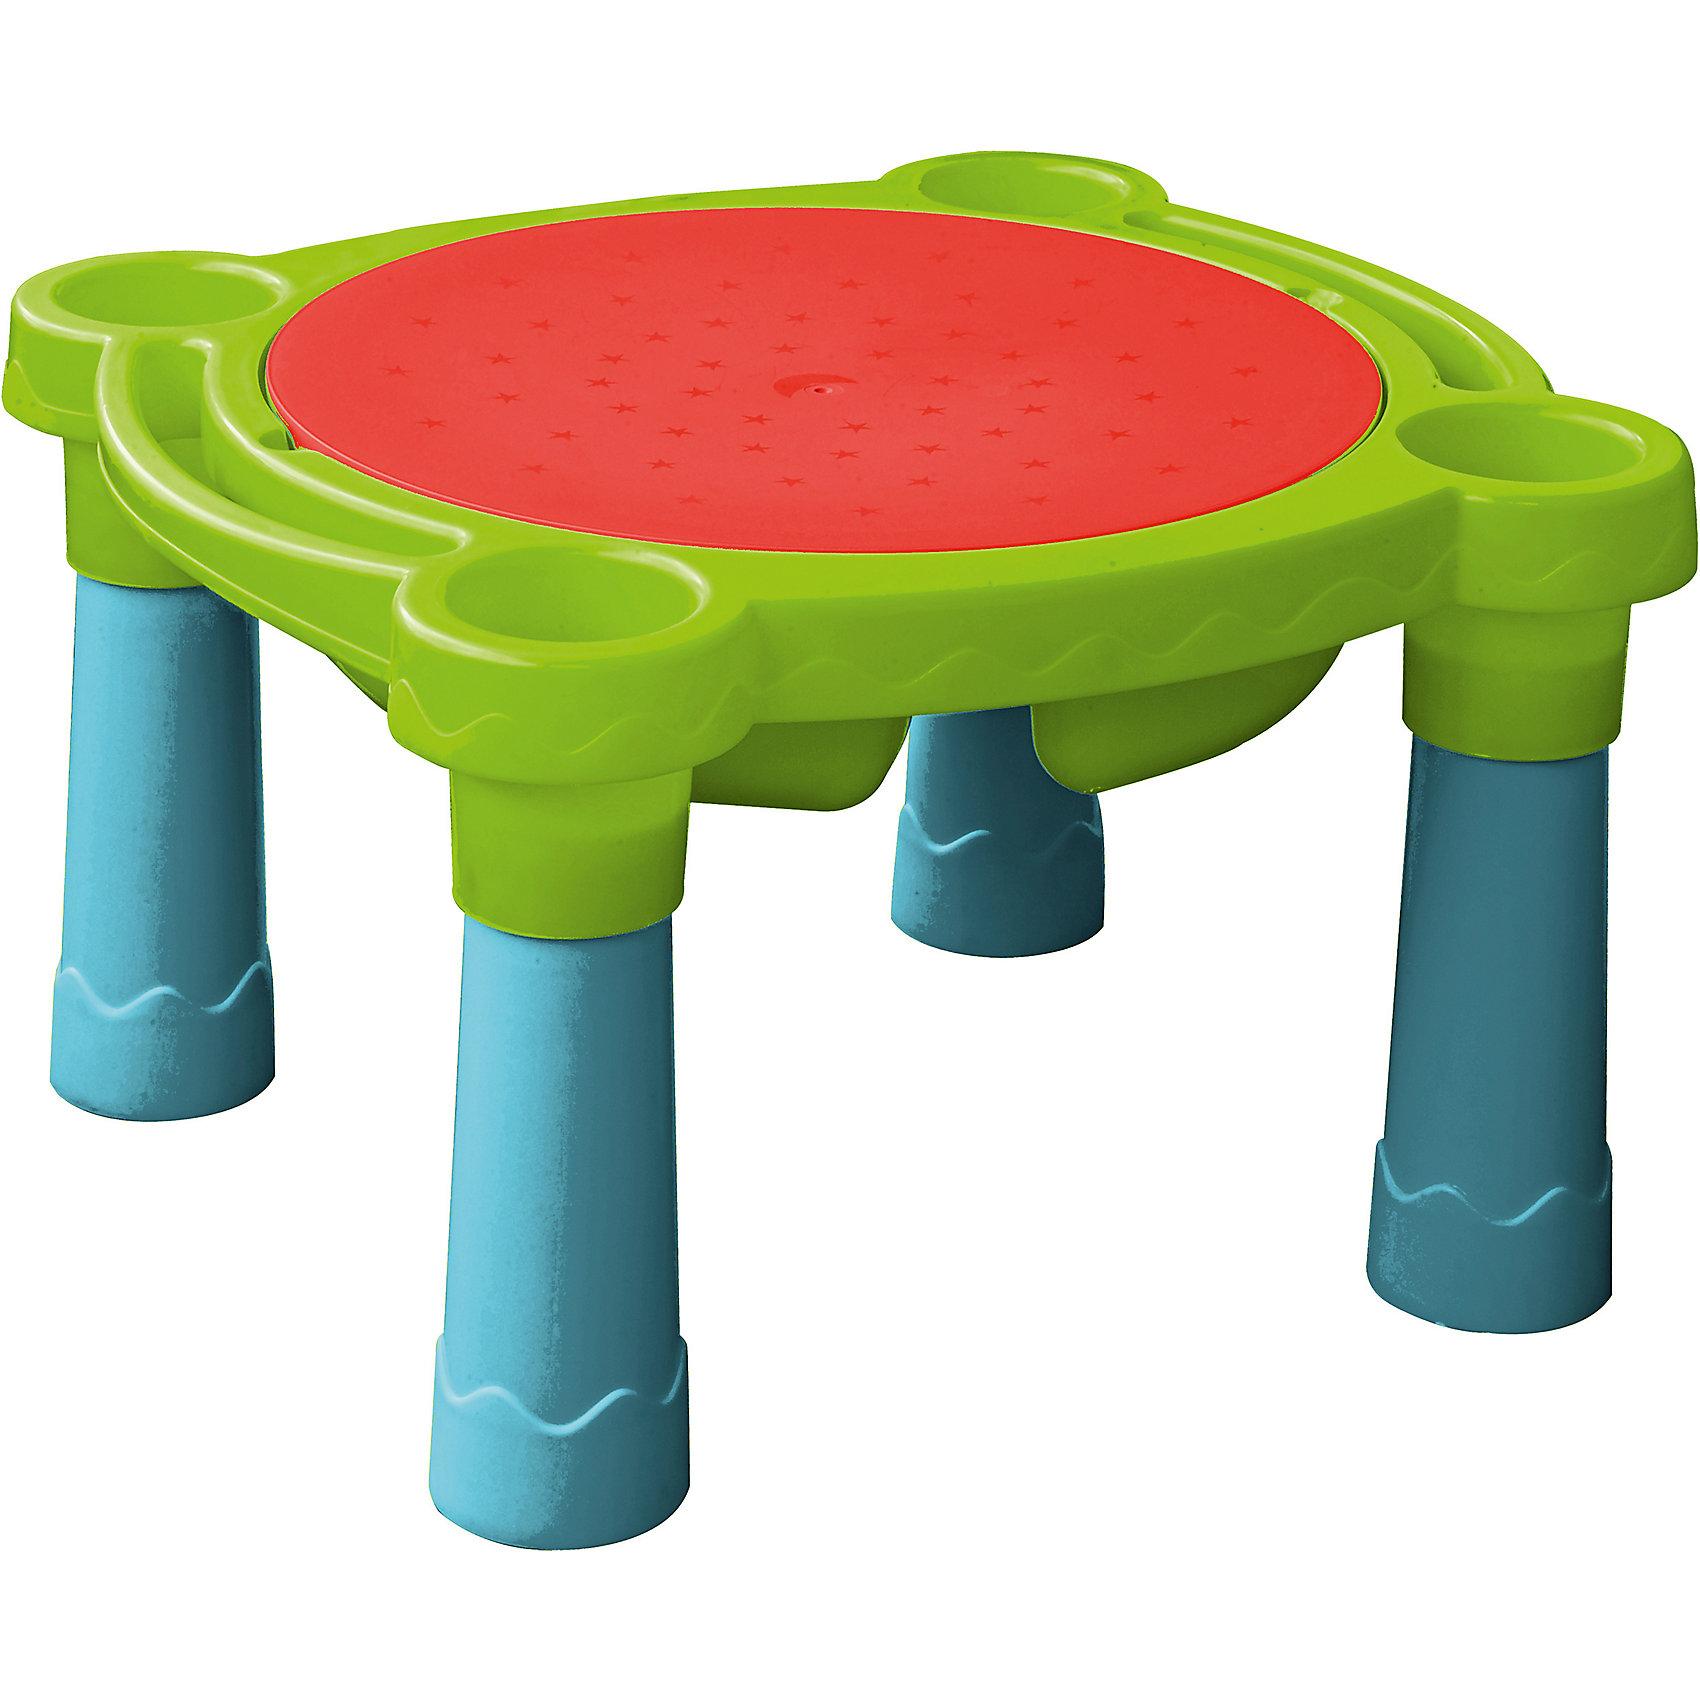 Игровой стол для воды и песка, MarianplastДомики и мебель<br>Стол Песок - Вода Marian Plast -стол-песочница с отделением для воды и песка, в который смогут играть сразу несколько ребятишек.<br><br>В столешнице 2 больших отделения (можно насыпать песочек или налить воды) и 4 небольших круглых по углам (для мелких игрушек).<br>Крышка из шершавого пластика просто укладывается сверху на столешницу, плотно прилегая. Теперь можно играть в любые настольные игры.<br>Ножки стола легко снимаются, и он превращается в обыкновенную песочницу, которую можно разместить на траве или песке. <br>Стол-песочница сделан из прочного, гипоаллергенного пластика, с соблюдением европейского стандарта качества и безопасности для детских товаров <br><br>Дополнительная информация:<br><br>- В комплект входят: столешница; крышка; 4 ножки. <br>- Размер упаковки: 77х66х15h см.<br>Размер в собранном виде: столика 74х66х44h см, без ножек - 74х66х15h см; крышка - диаметр 56 см. <br>- Вес: 3,7 кг, с упаковкой 4,5 кг<br><br>Ширина мм: 765<br>Глубина мм: 680<br>Высота мм: 175<br>Вес г: 4420<br>Возраст от месяцев: 24<br>Возраст до месяцев: 144<br>Пол: Унисекс<br>Возраст: Детский<br>SKU: 2442789